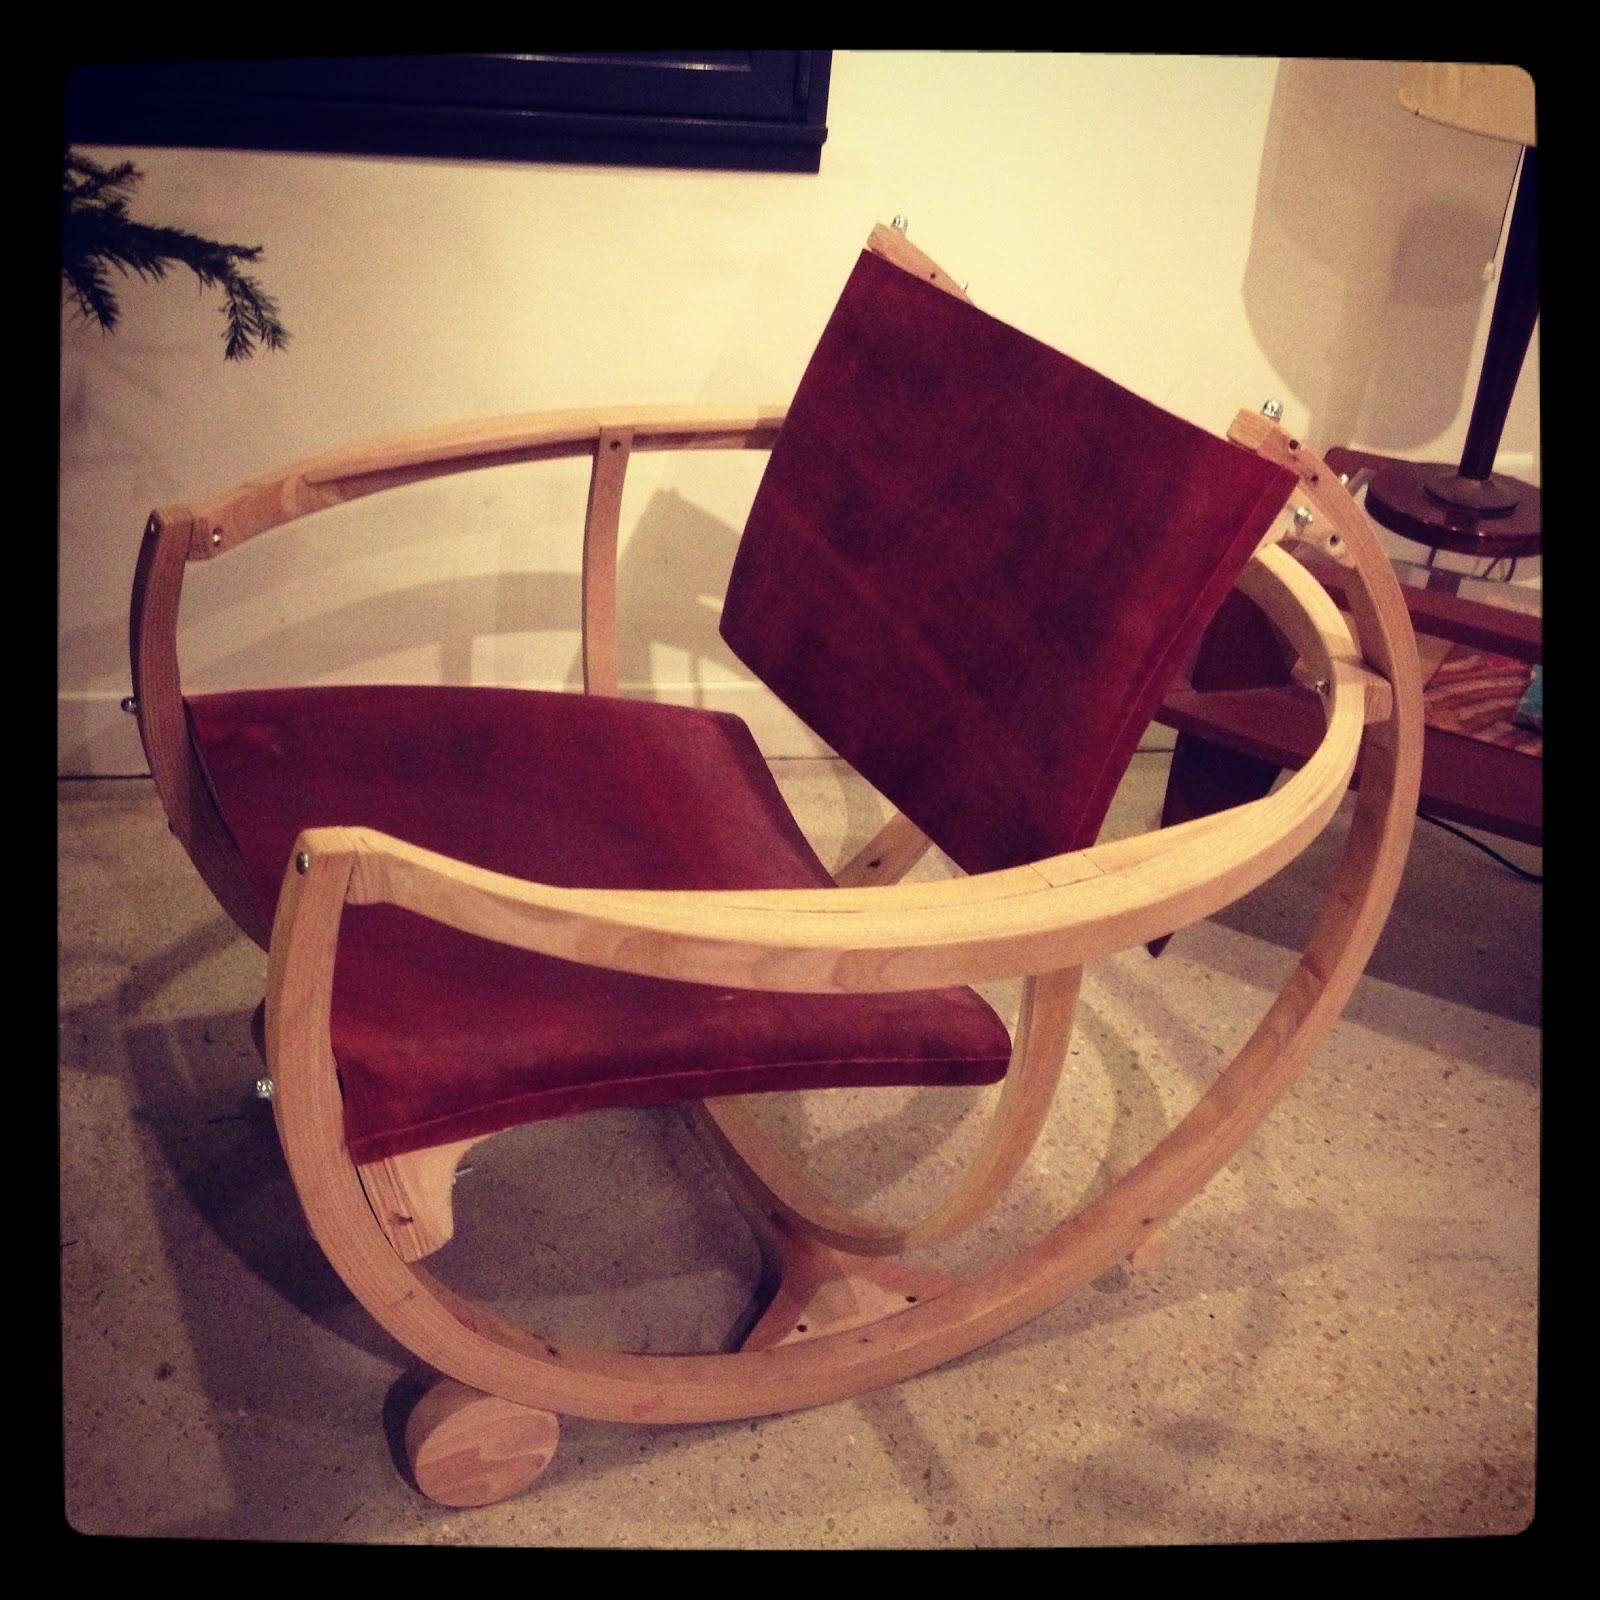 Fauteuil et mobilier design for Mobilier design fauteuil